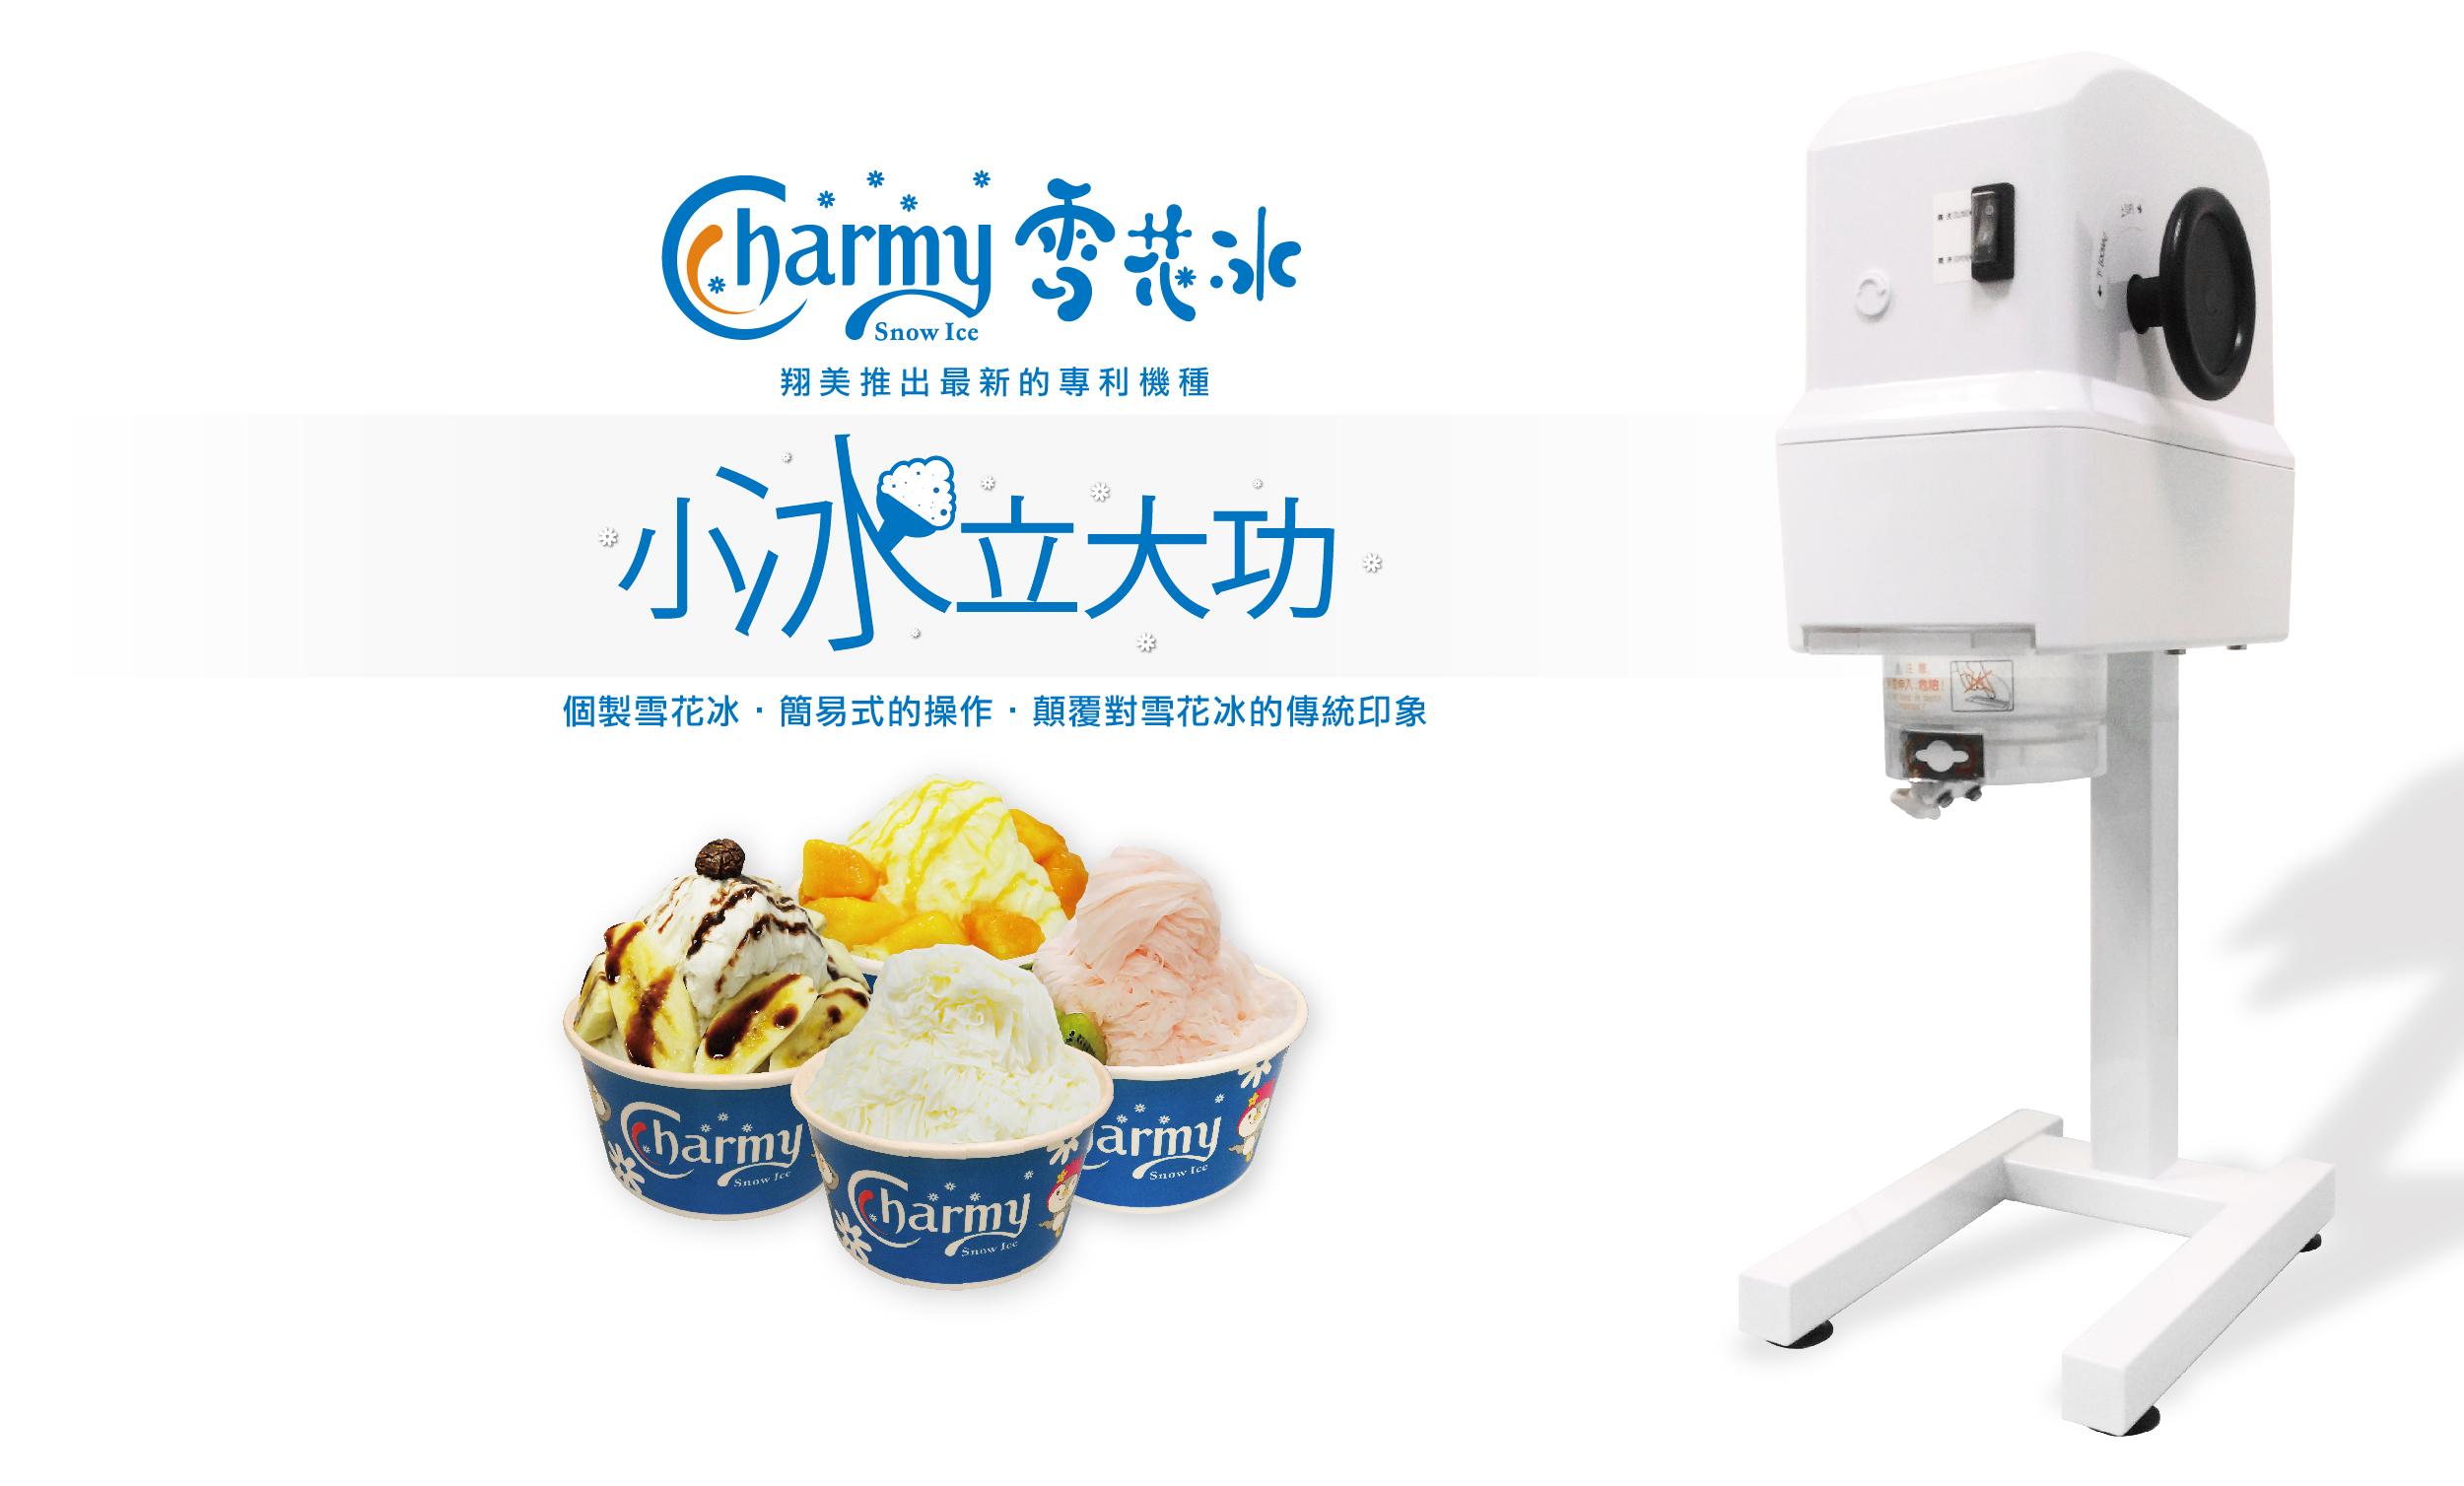 翔美食品興業股份有限公司